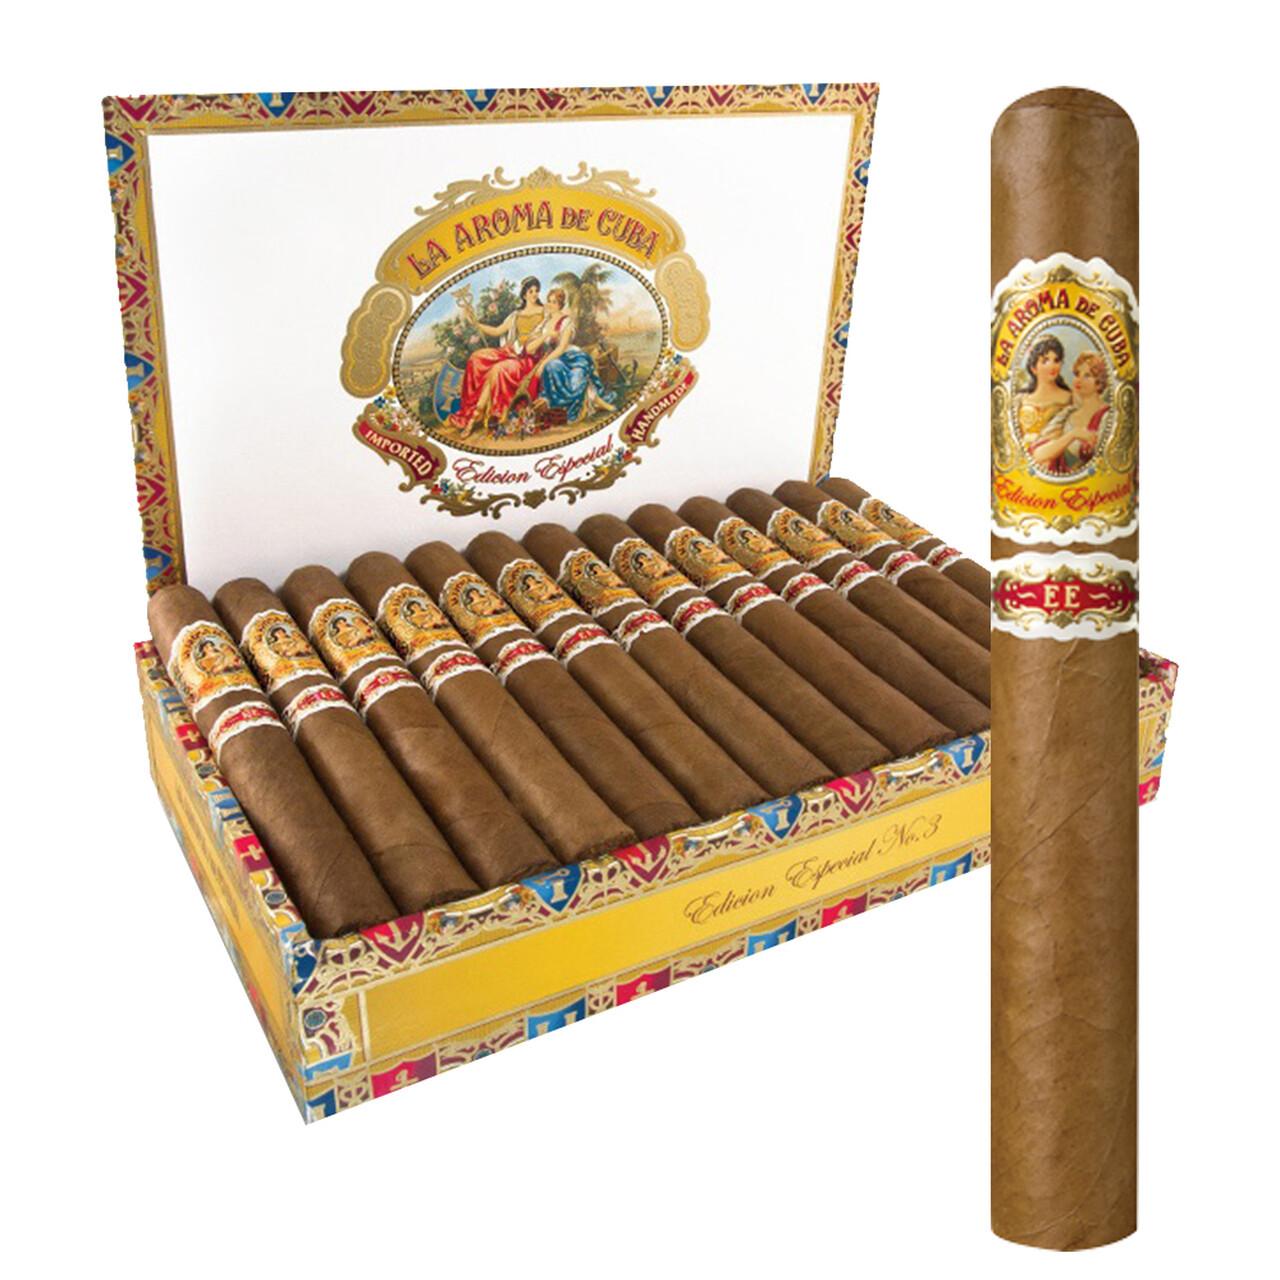 La Aroma de Cuba Edicion Especial #5